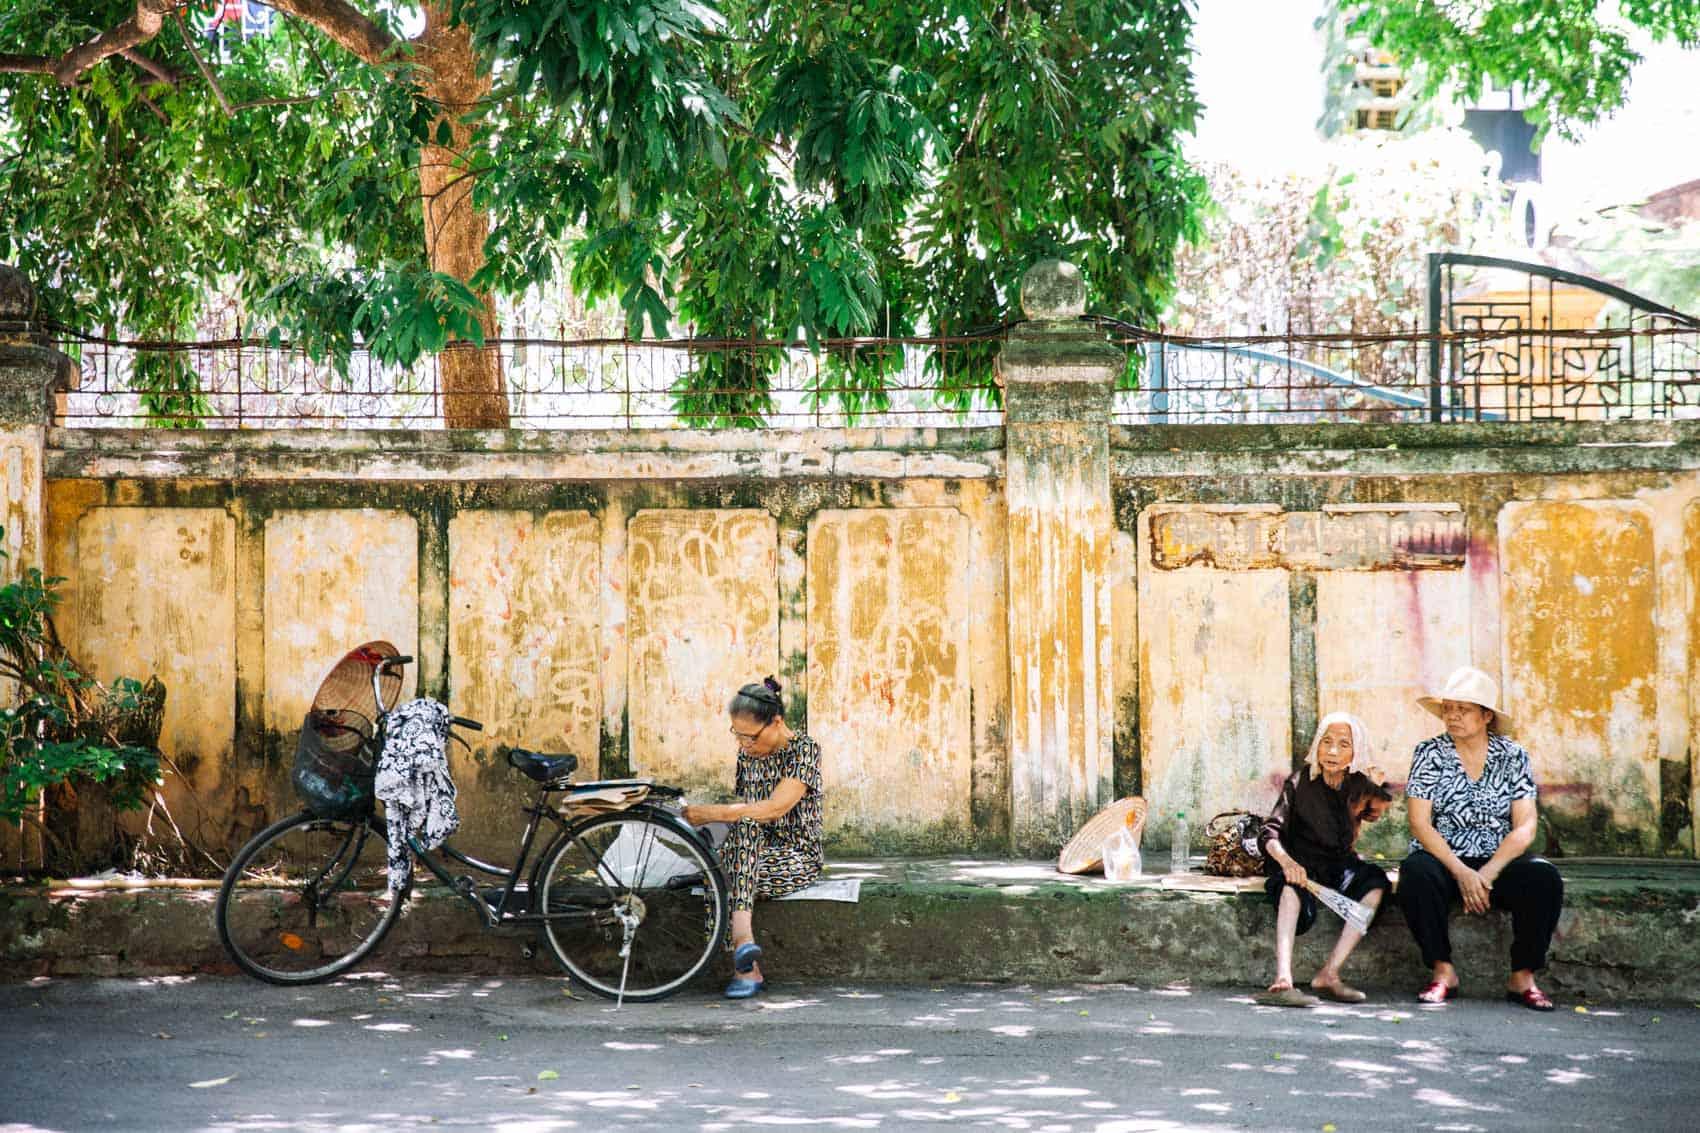 Que ver en Hanói